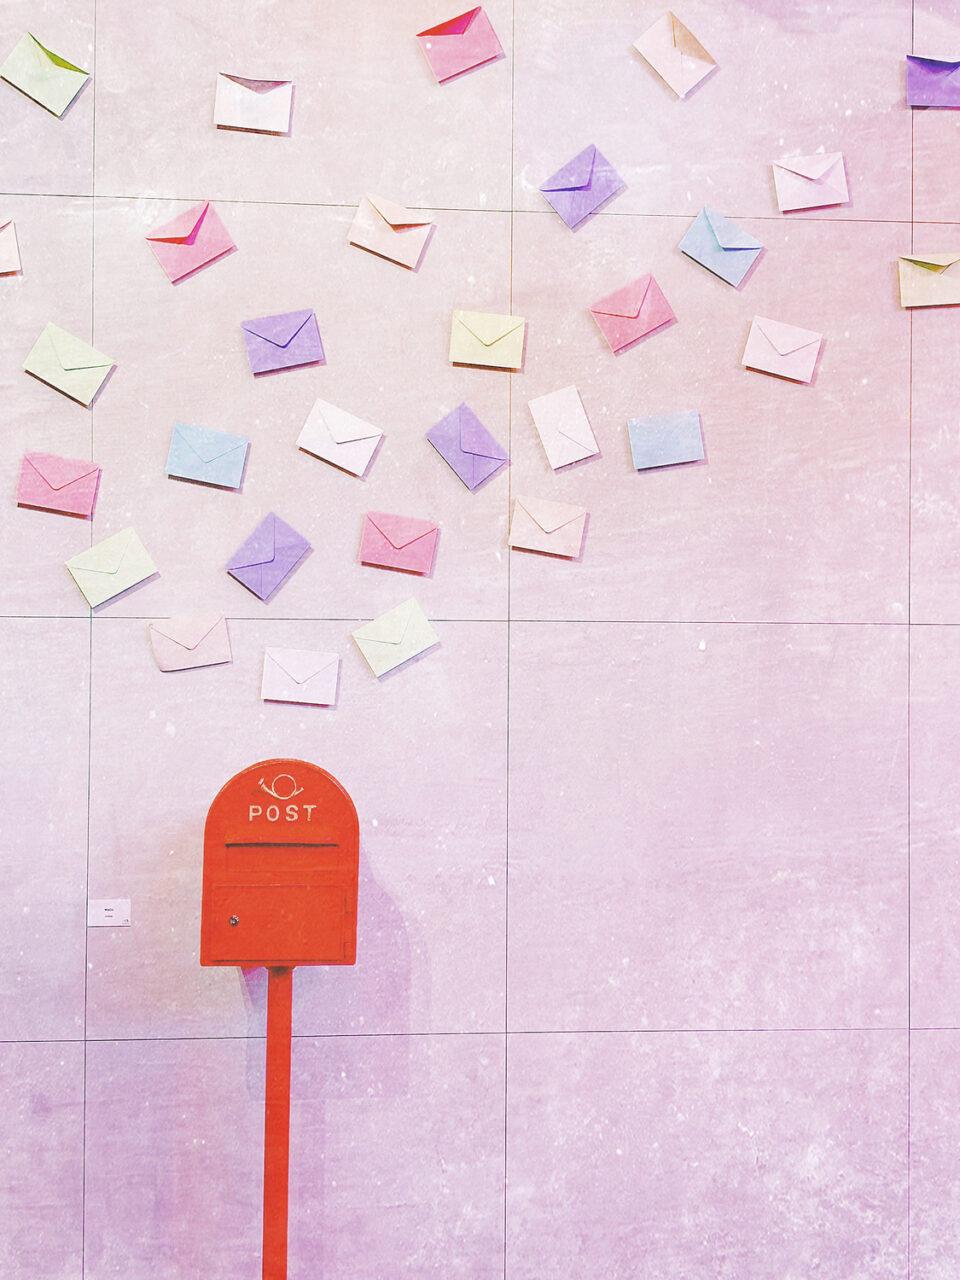 郵便ポストに集まる複数の手紙